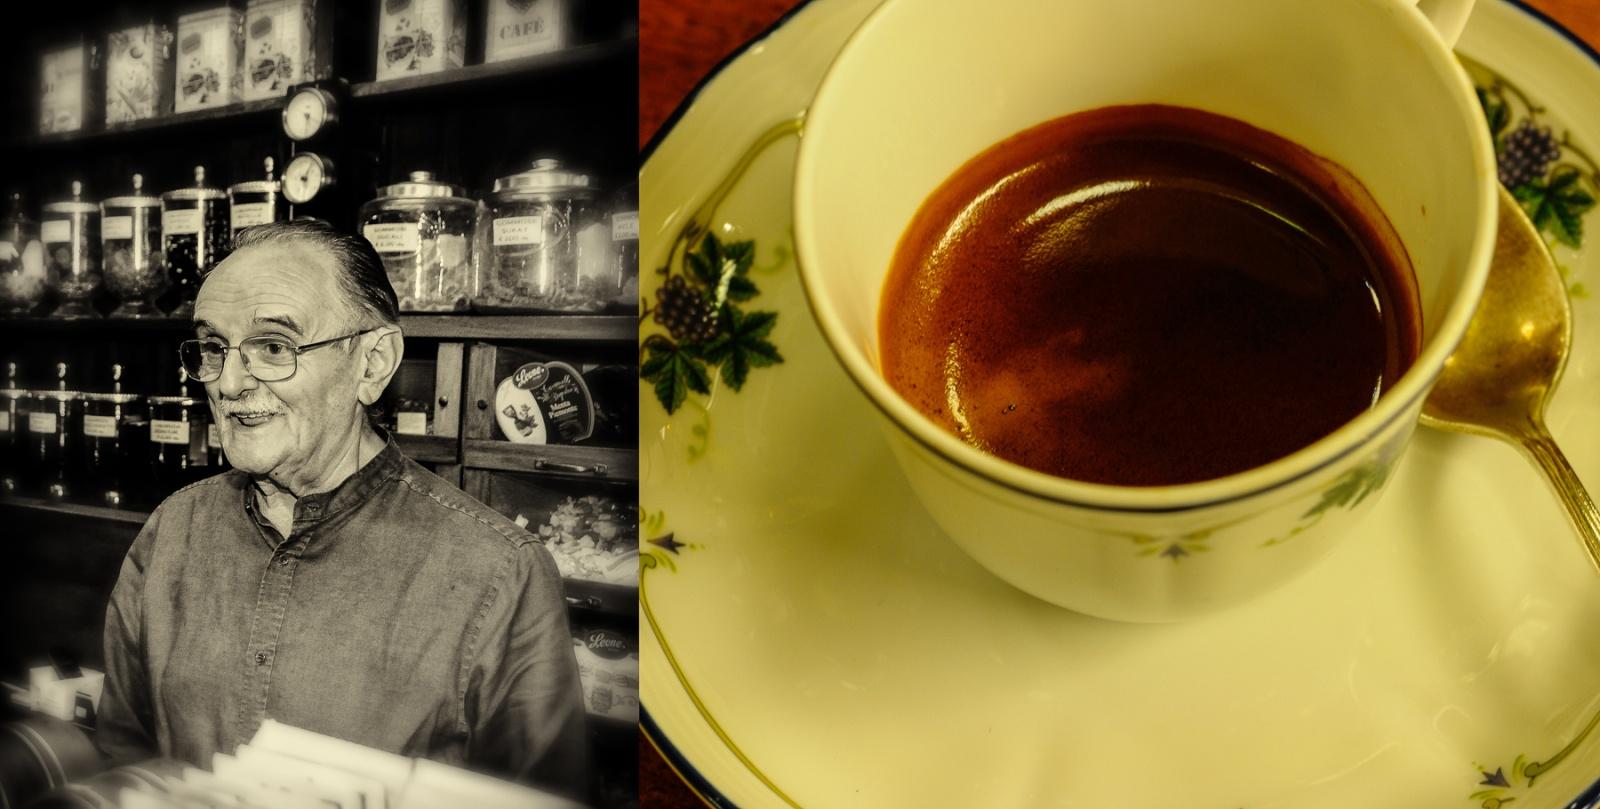 Sciascia Caffè, Prati